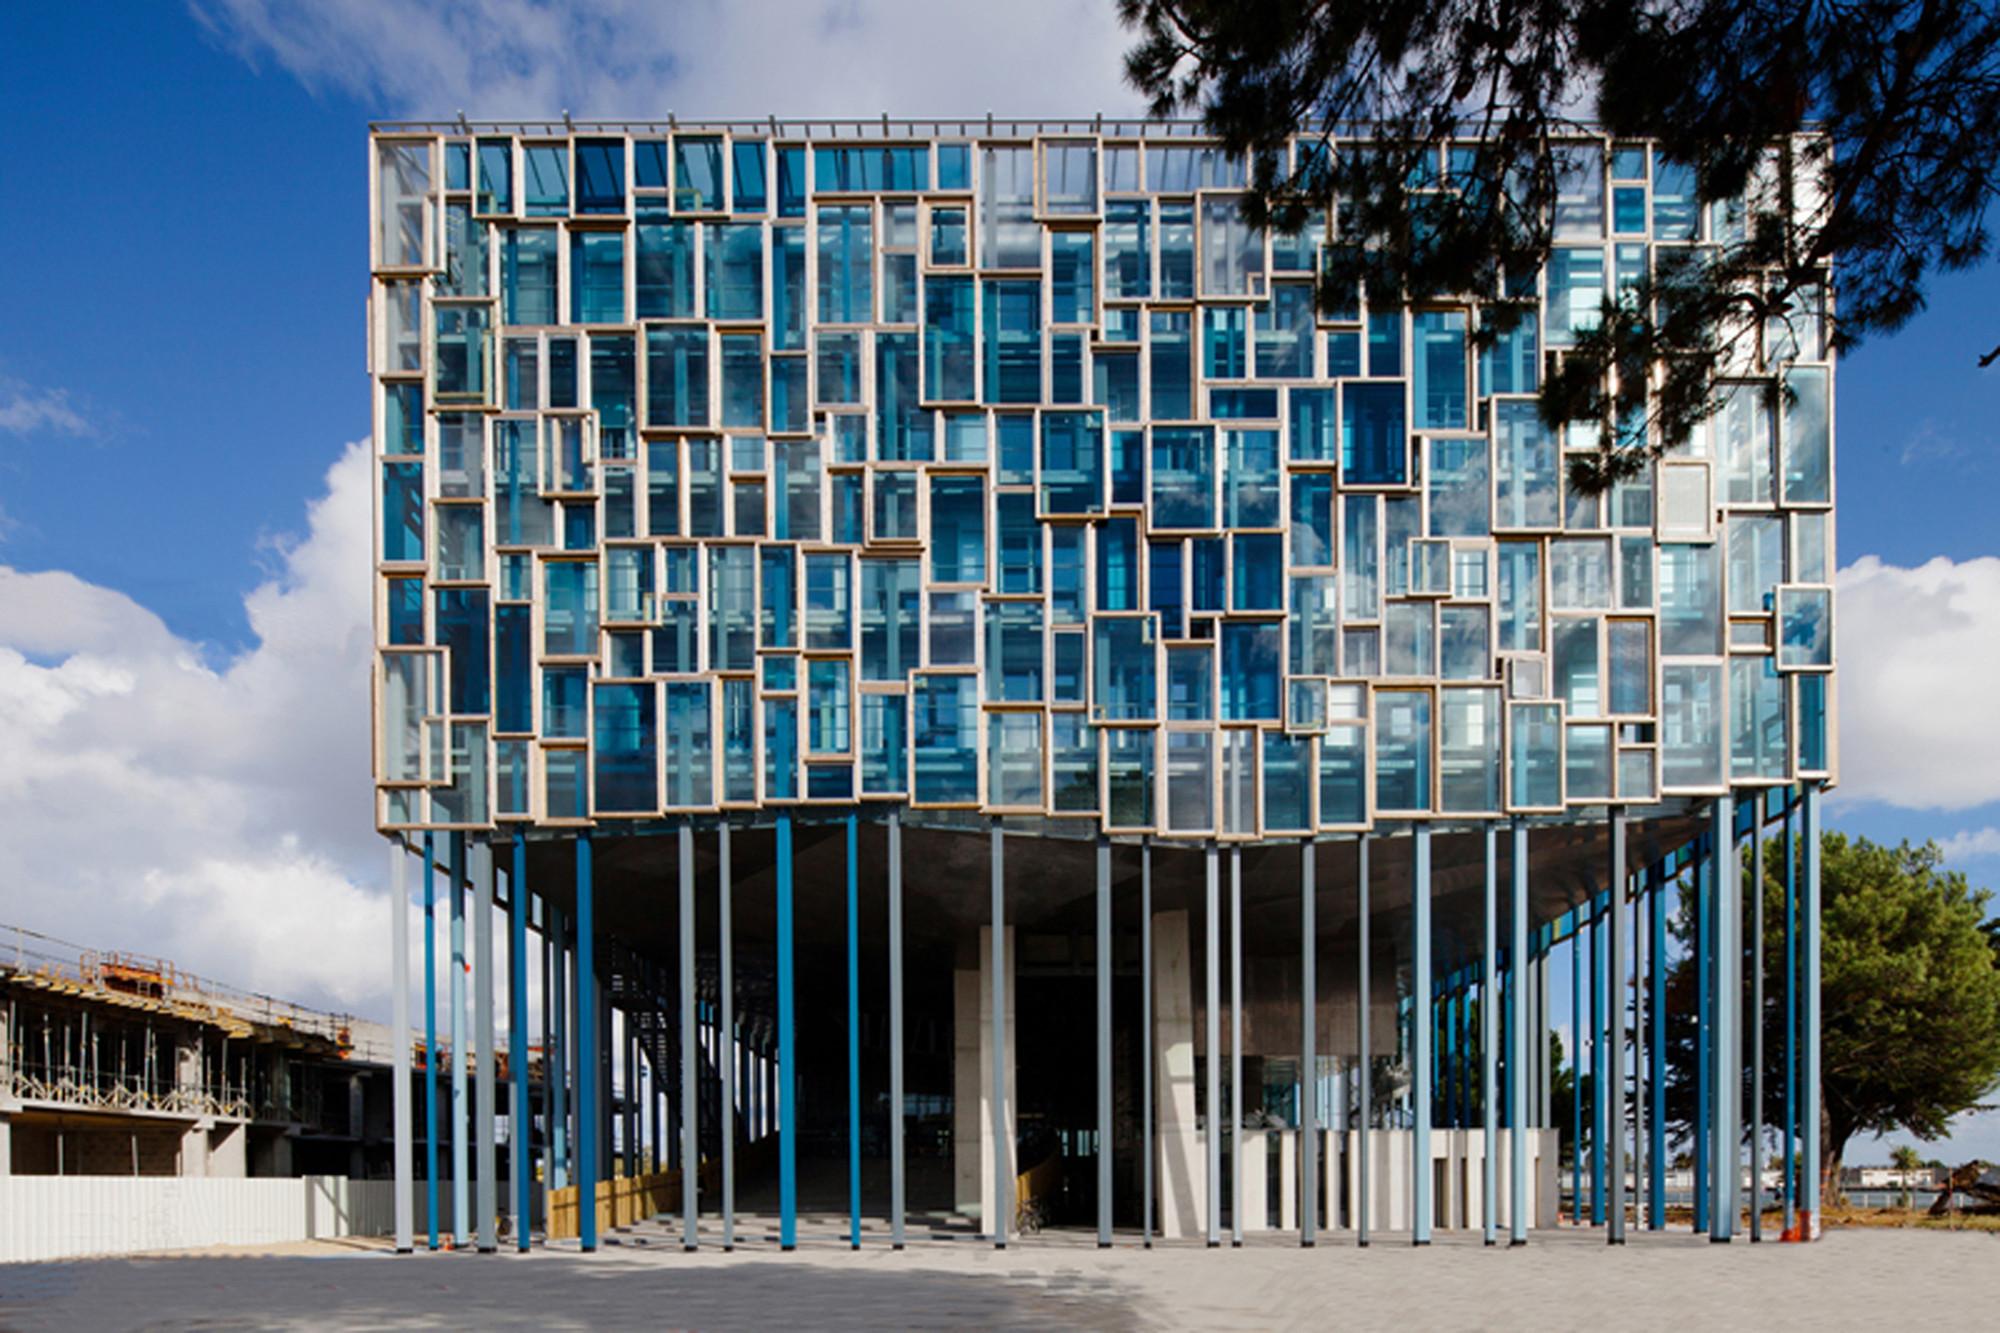 Community House of Lorient / Jean de Giacinto Architecture + Duncan Lewis Scape Architecture, © Stéphane Cuisset